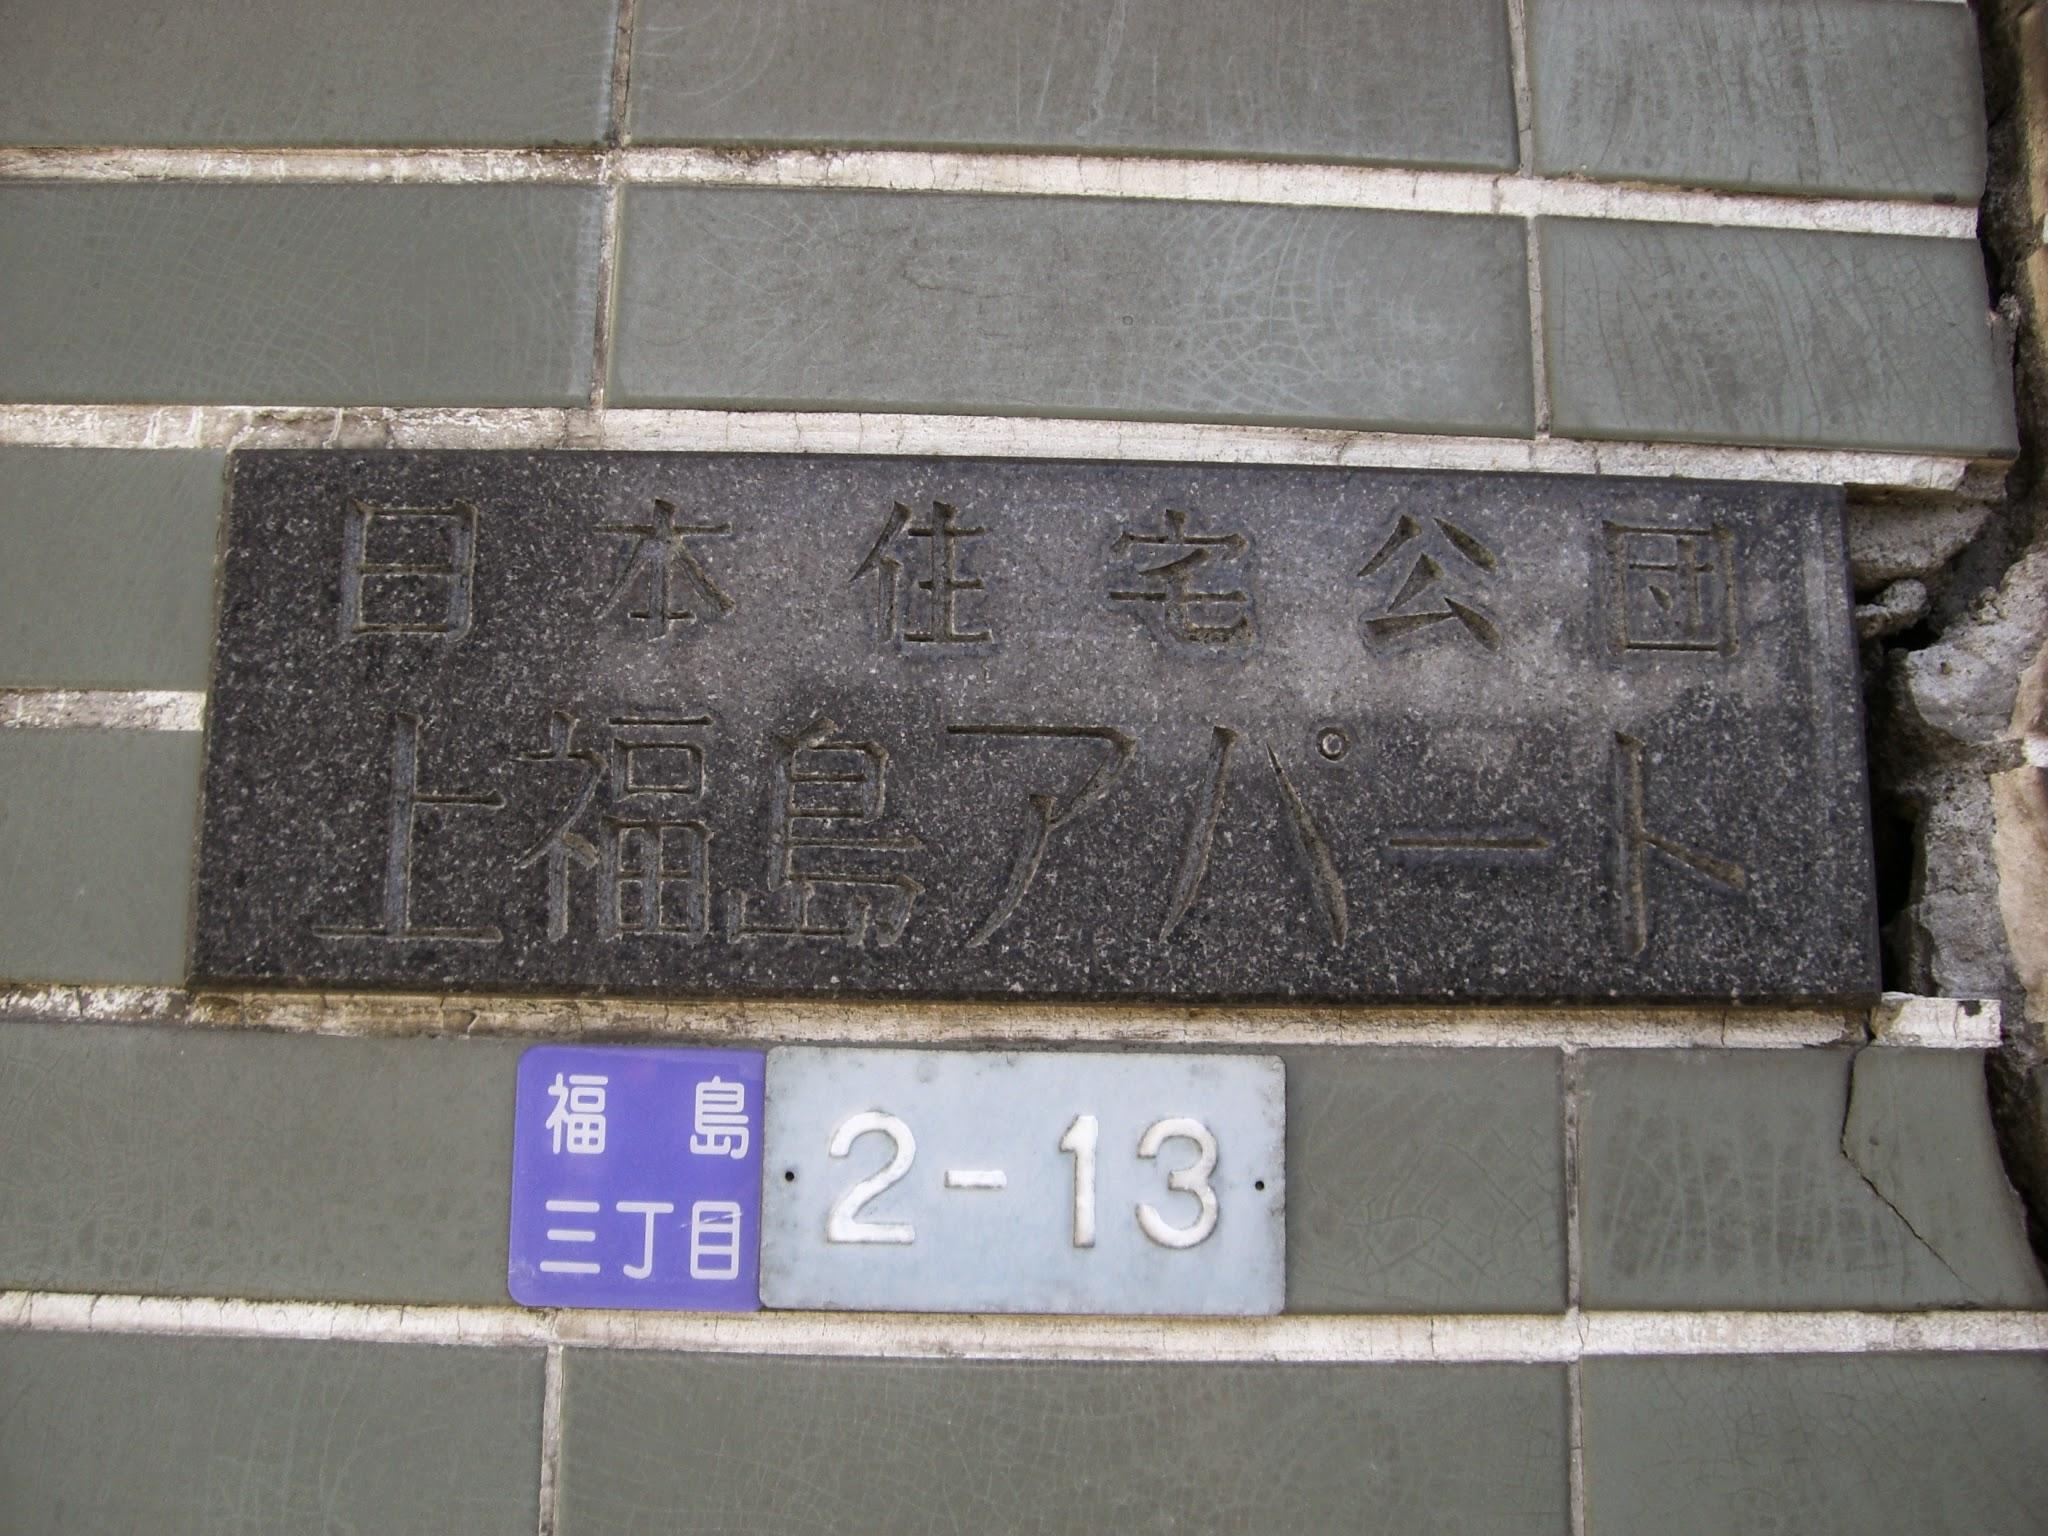 公団上福島市街地住宅です。上福島アパートと呼ばれていました。